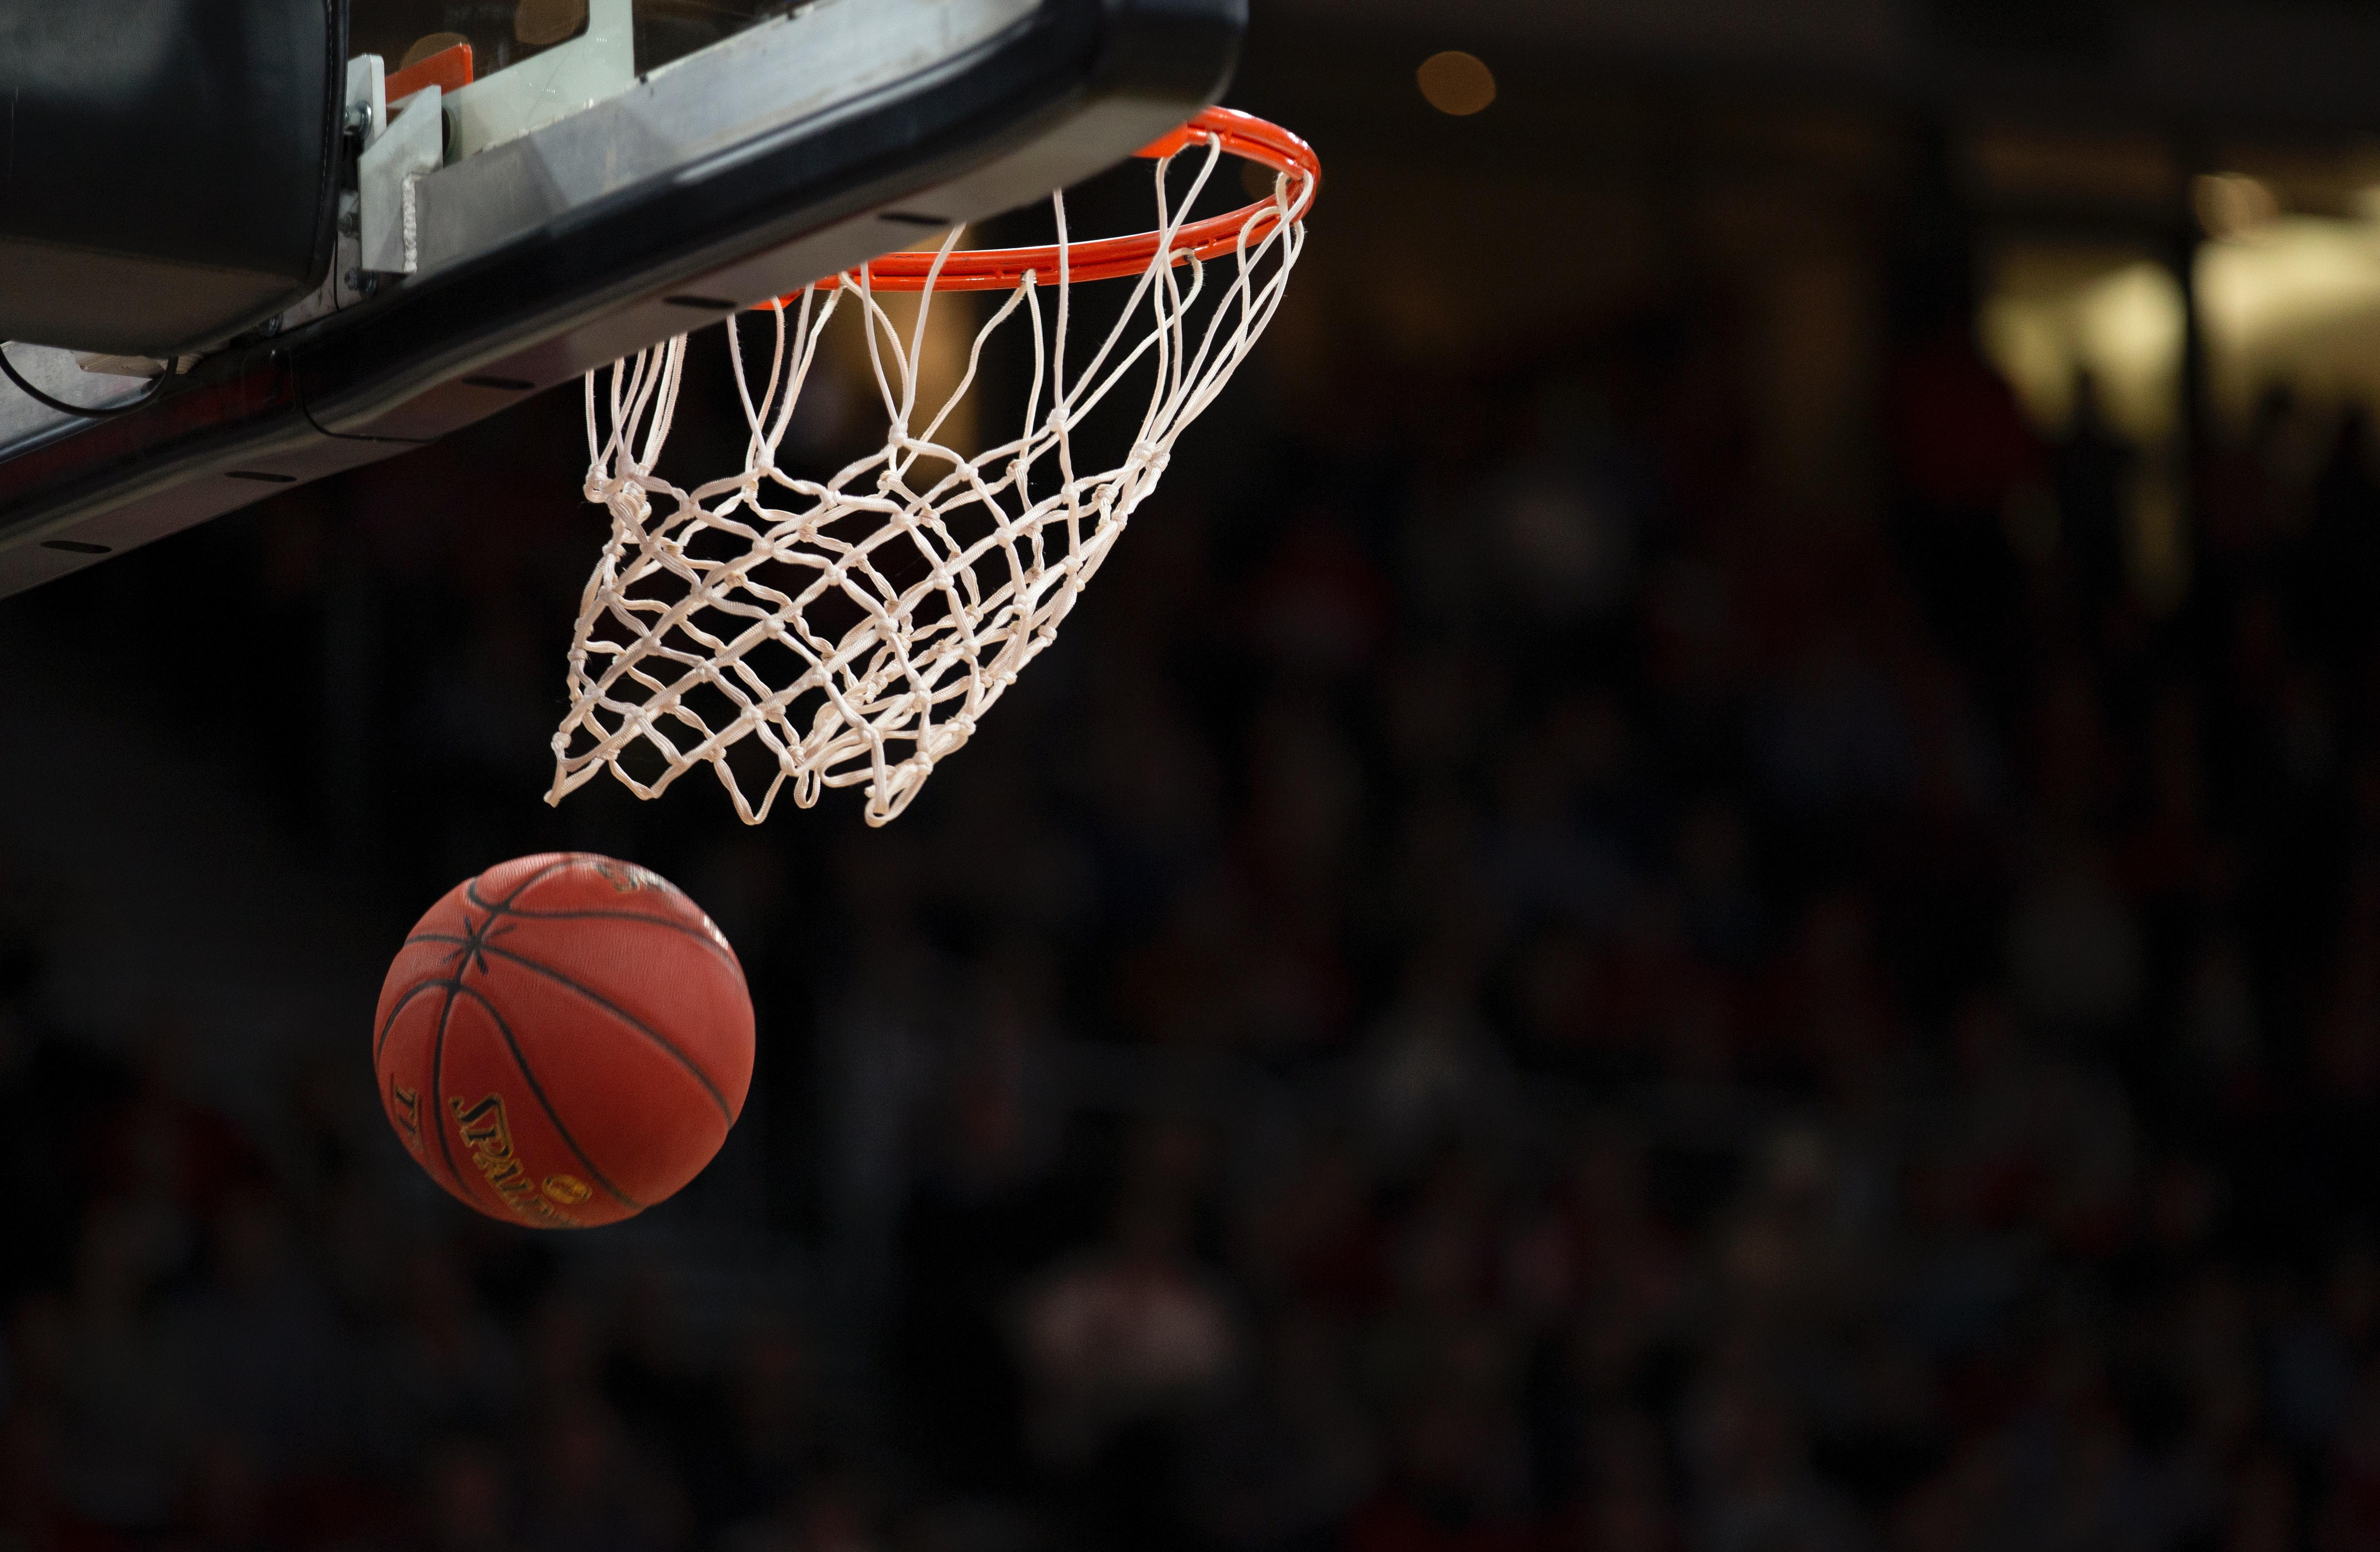 Empieza el Mundial de Baloncesto este fin de semana